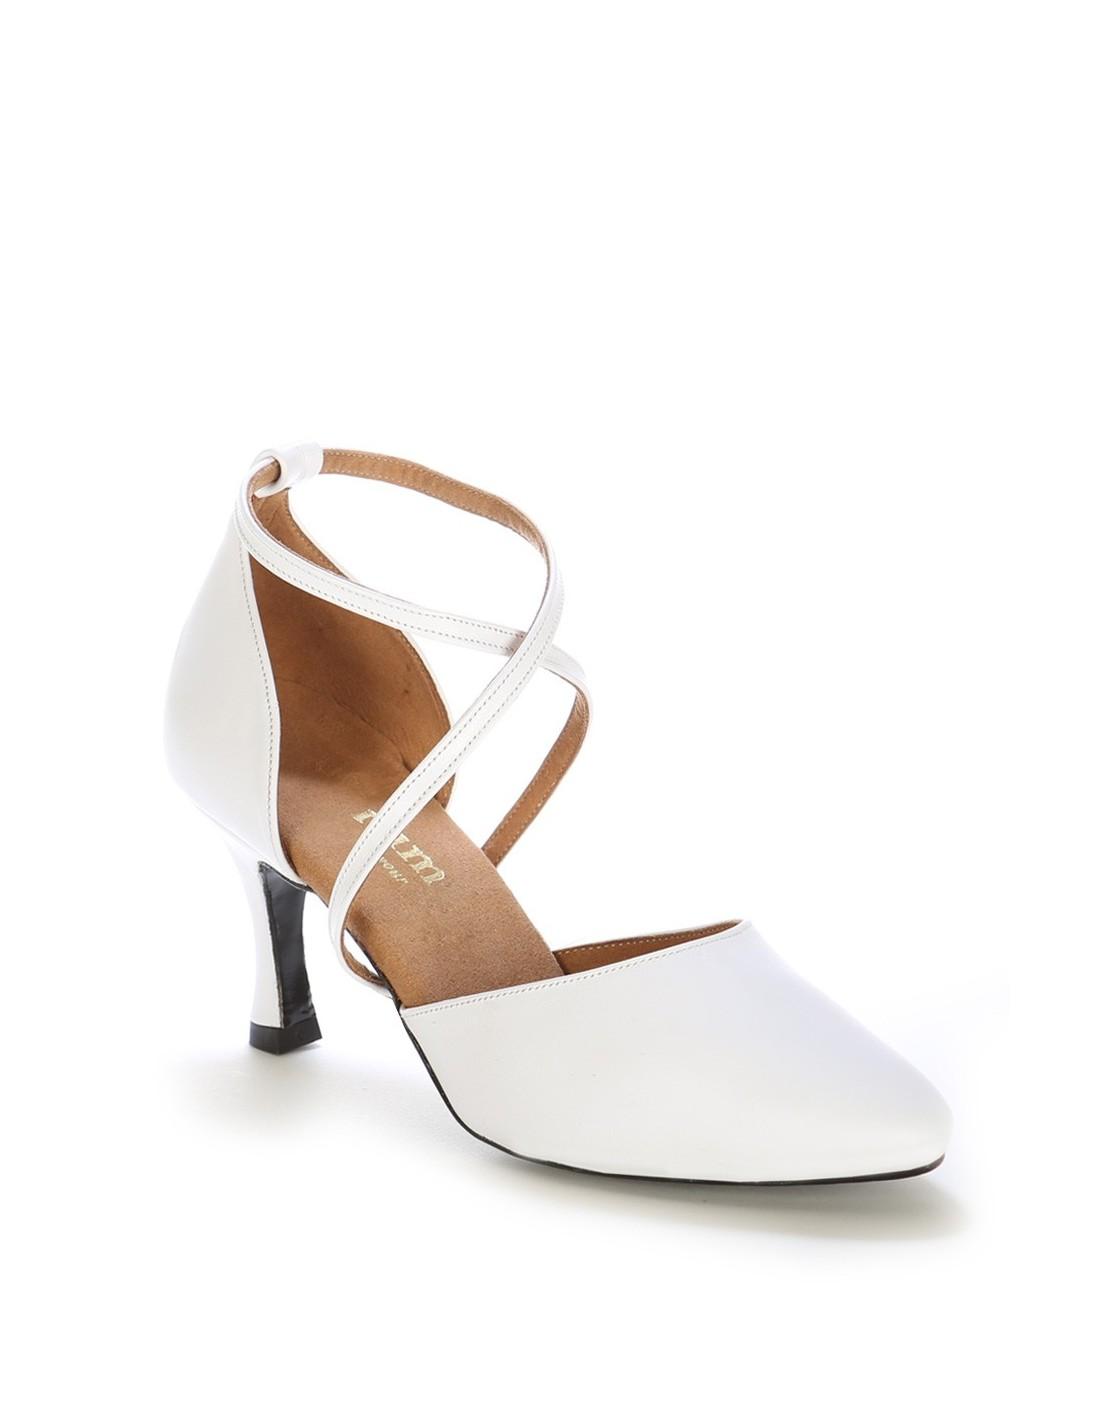 Chaussures de danse de salon satin noir l gantes for Chaussures de danse de salon toulouse